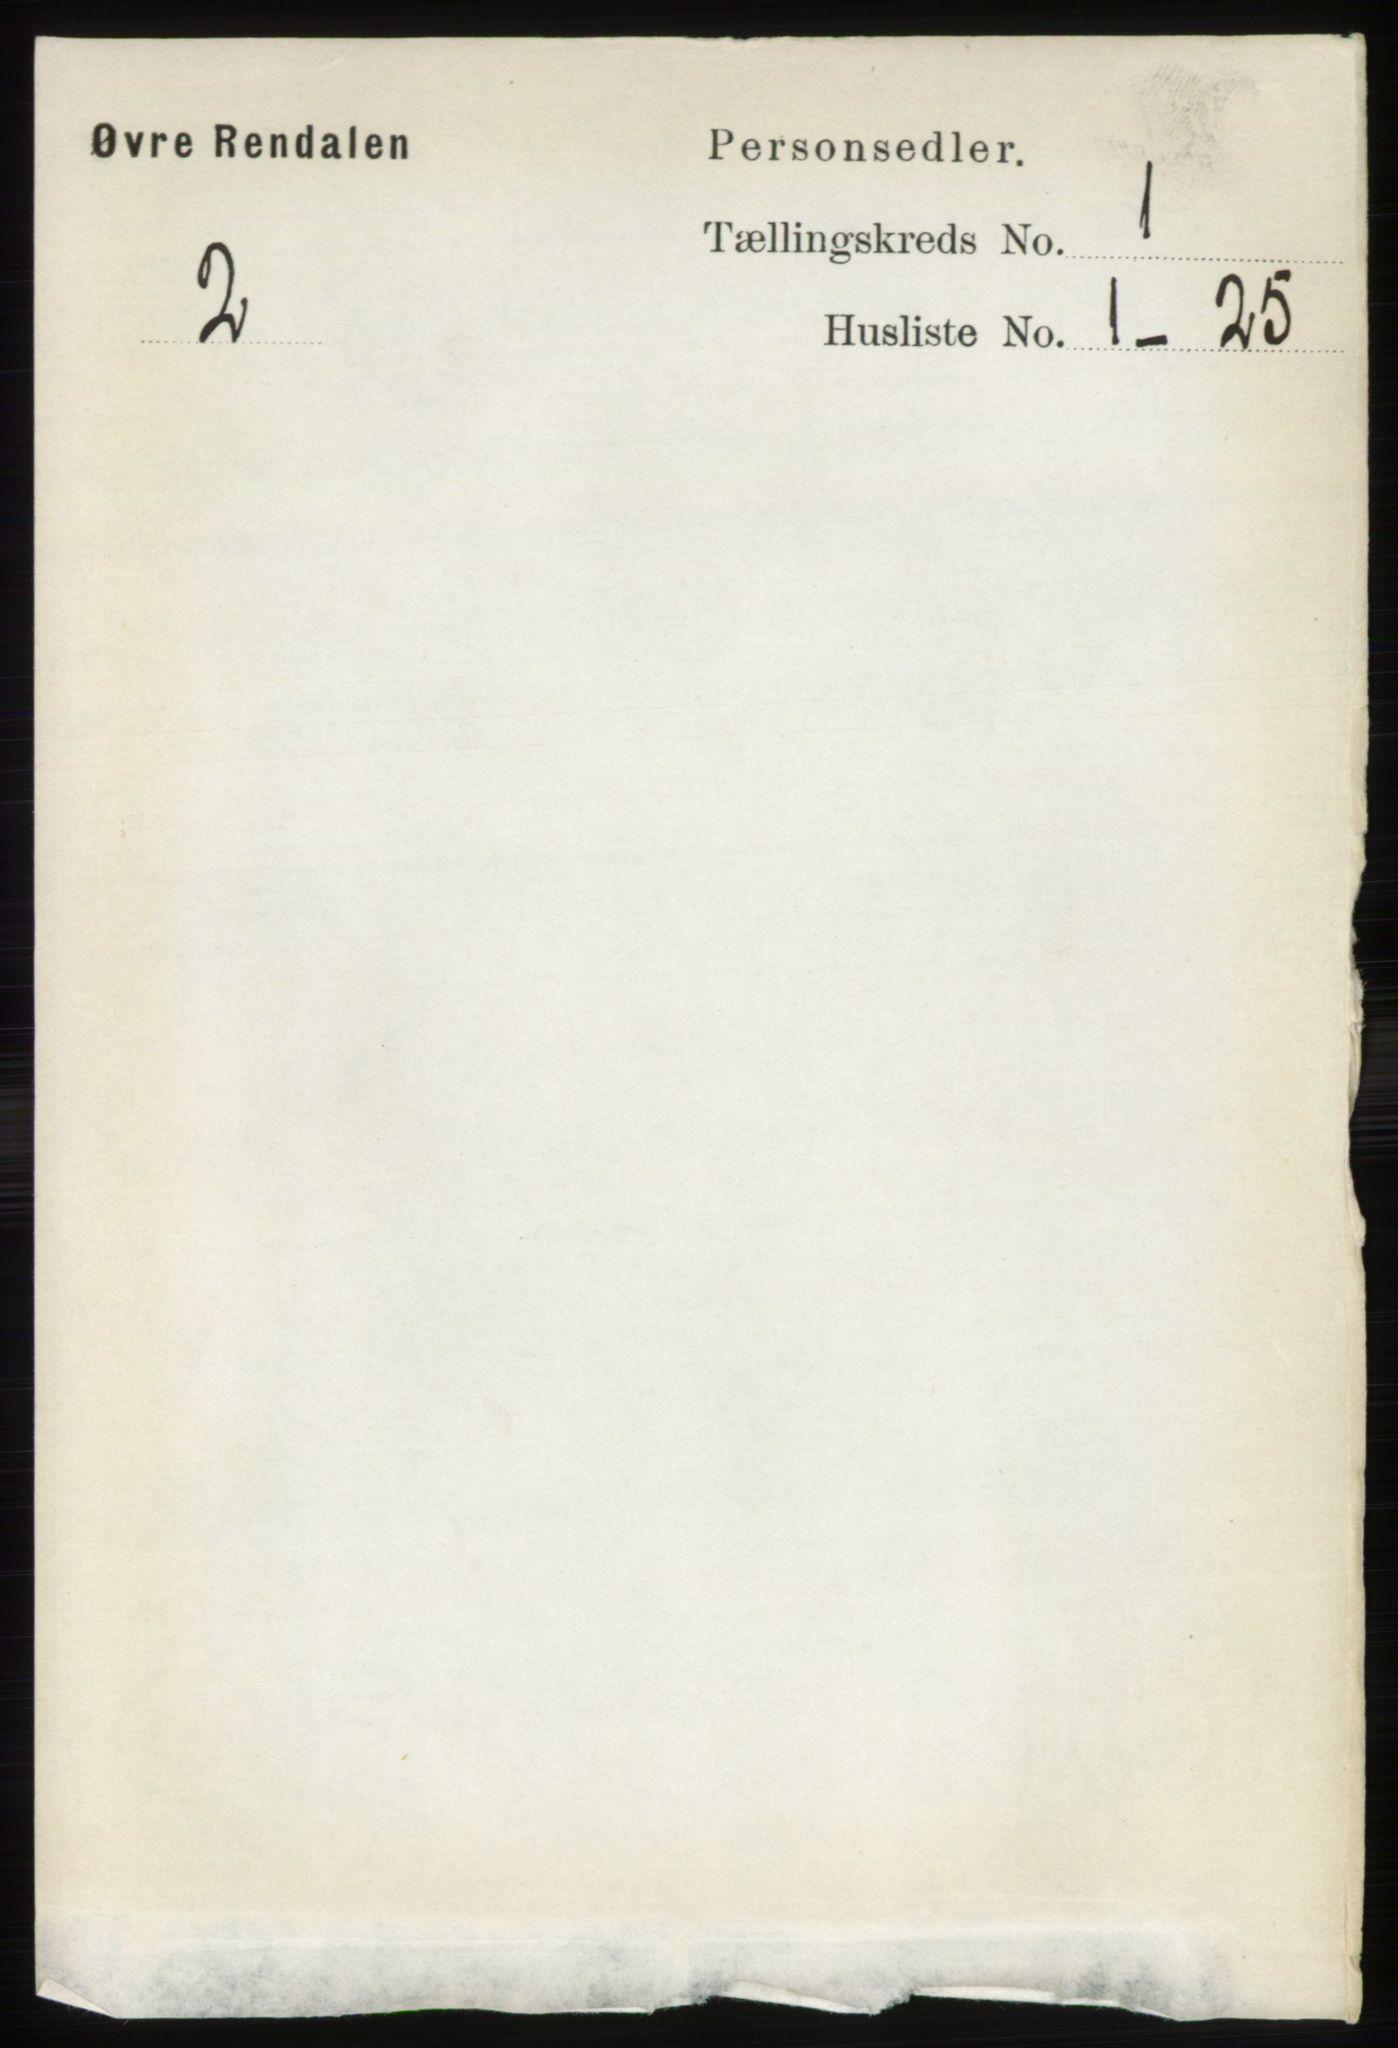 RA, Folketelling 1891 for 0433 Øvre Rendal herred, 1891, s. 68